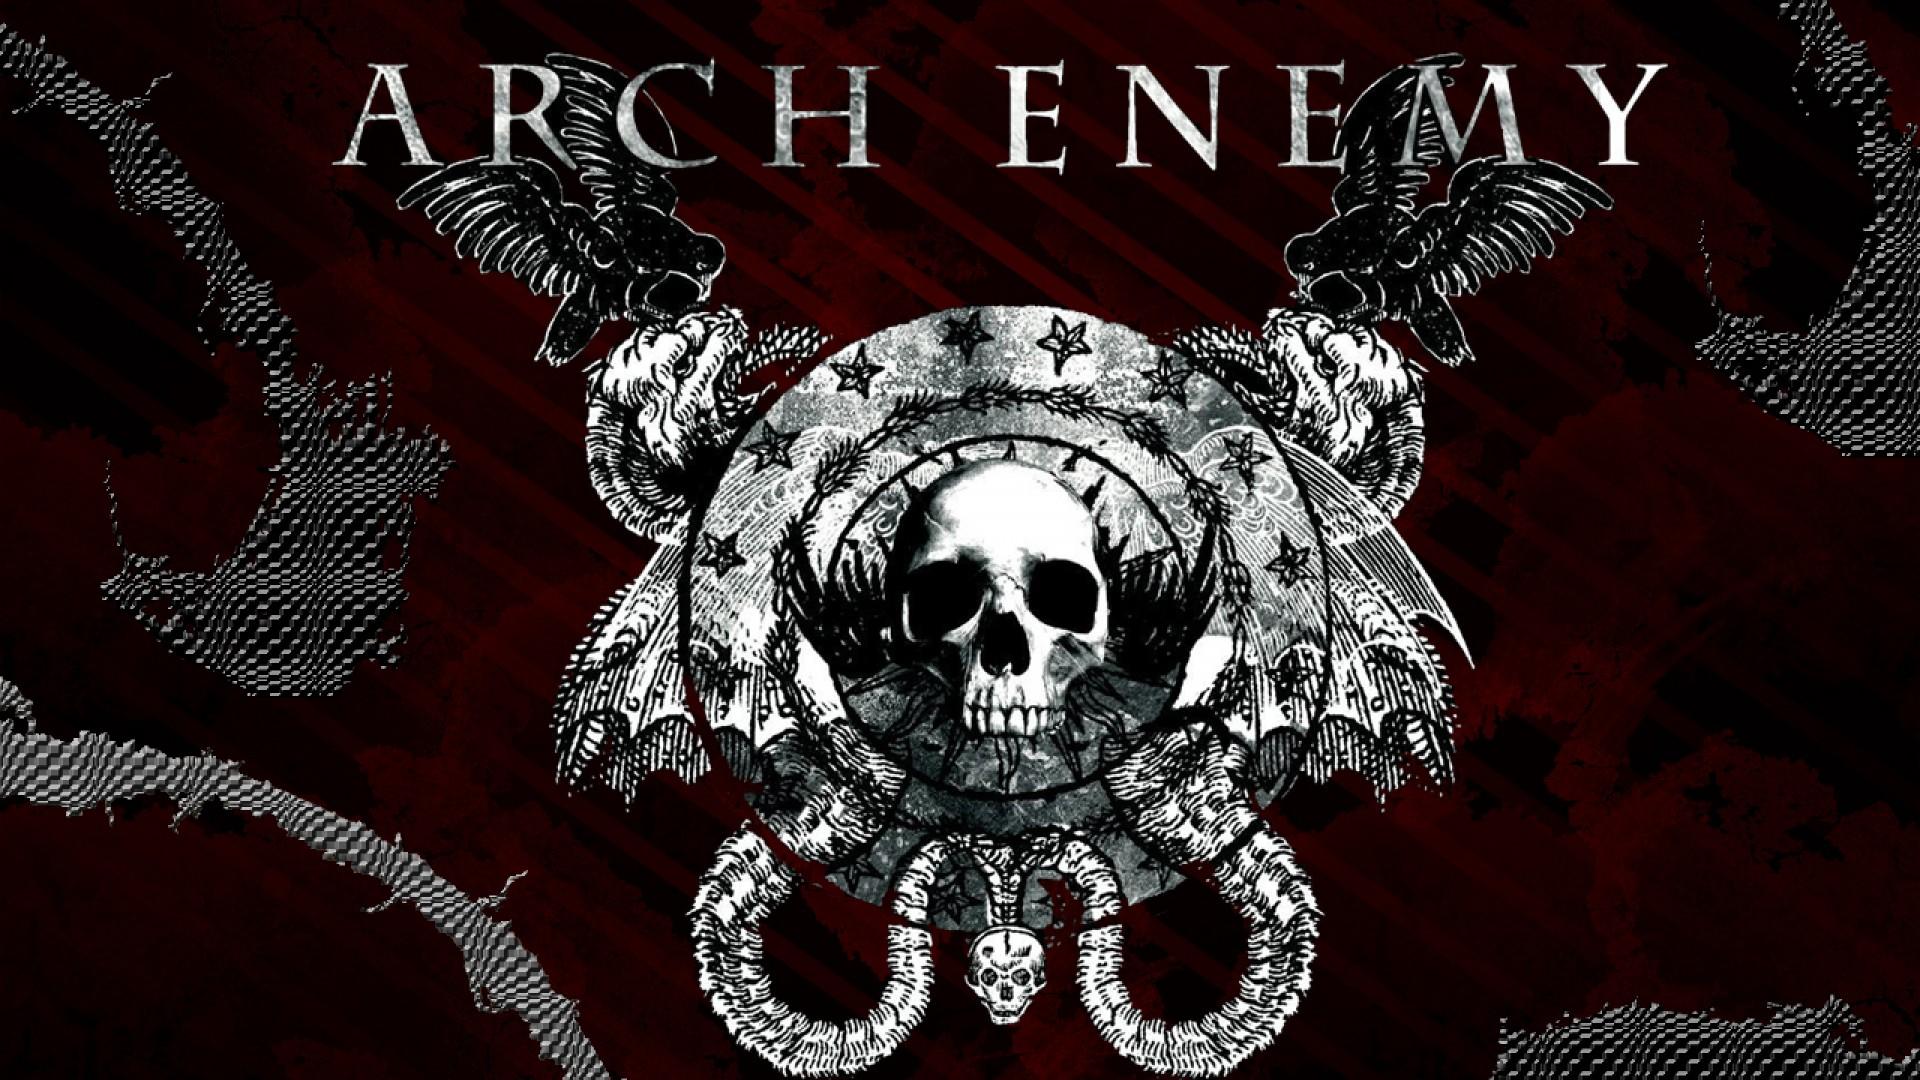 Arch enemy technical power death metal hard rock heavy o wallpaper 1920x1080 82594 wallpaperup - Death metal wallpaper hd ...